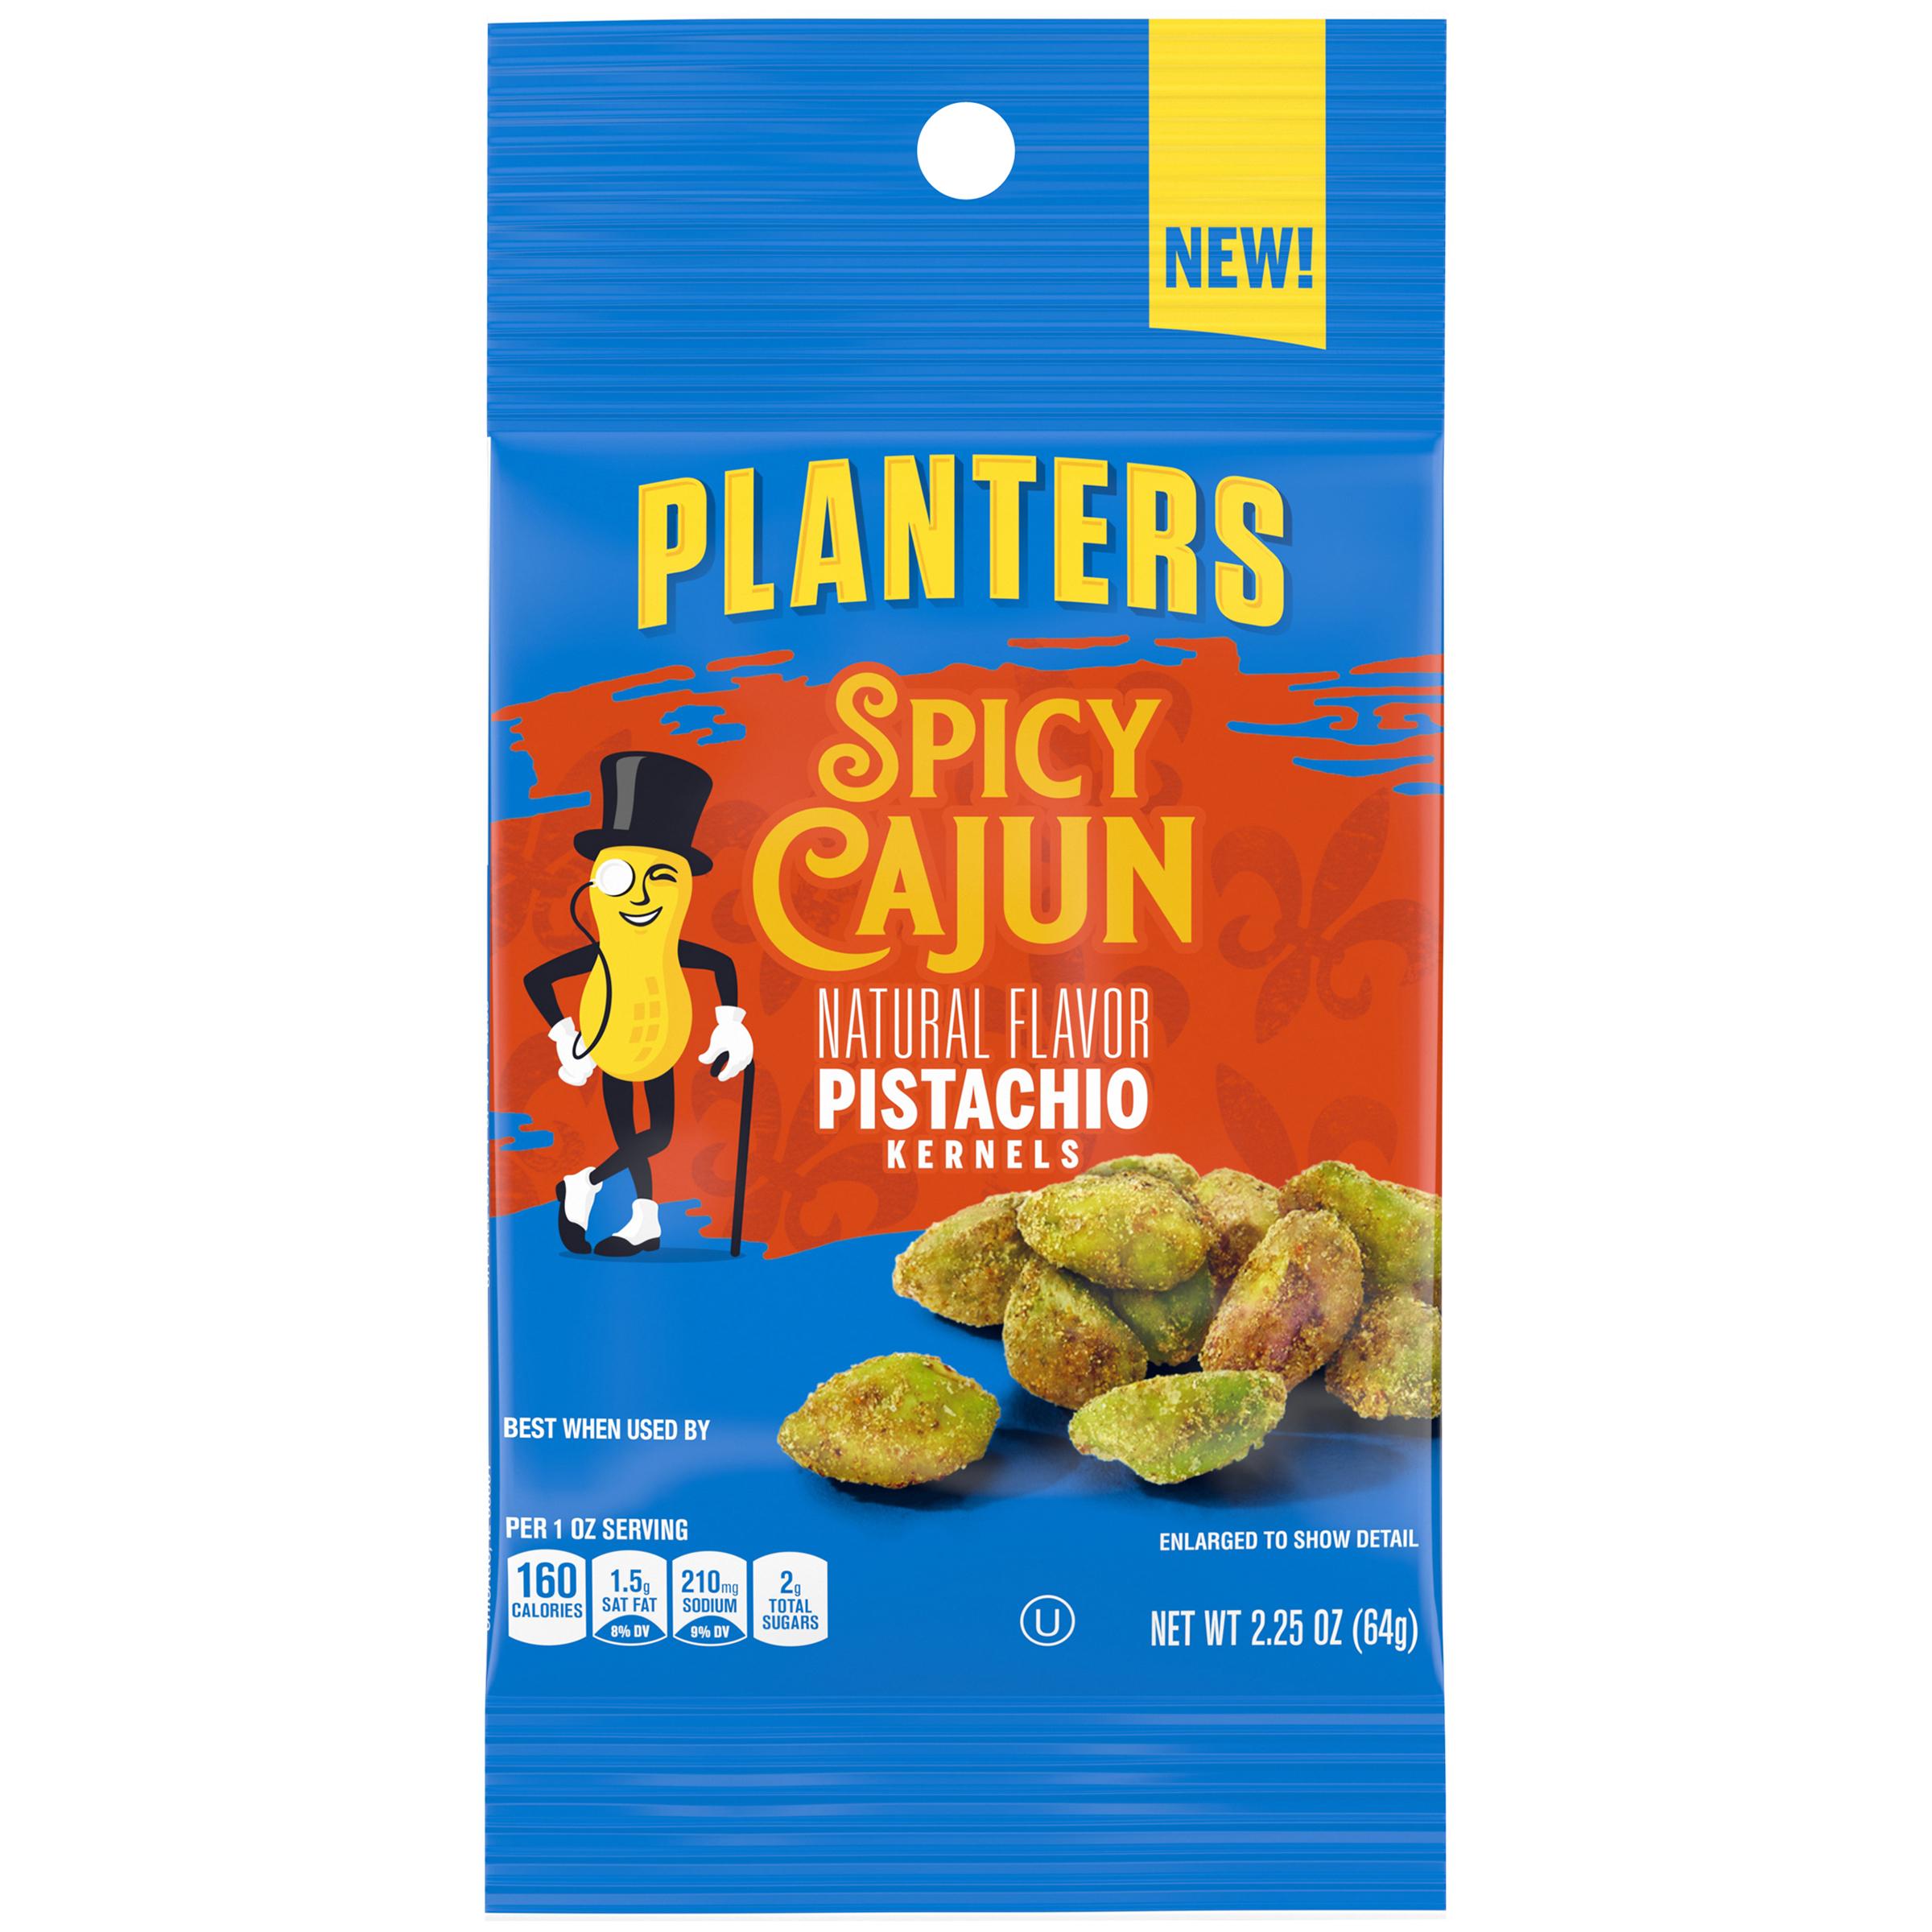 PLANTERS® Spicy Cajun Pistachios 2.25 oz packet